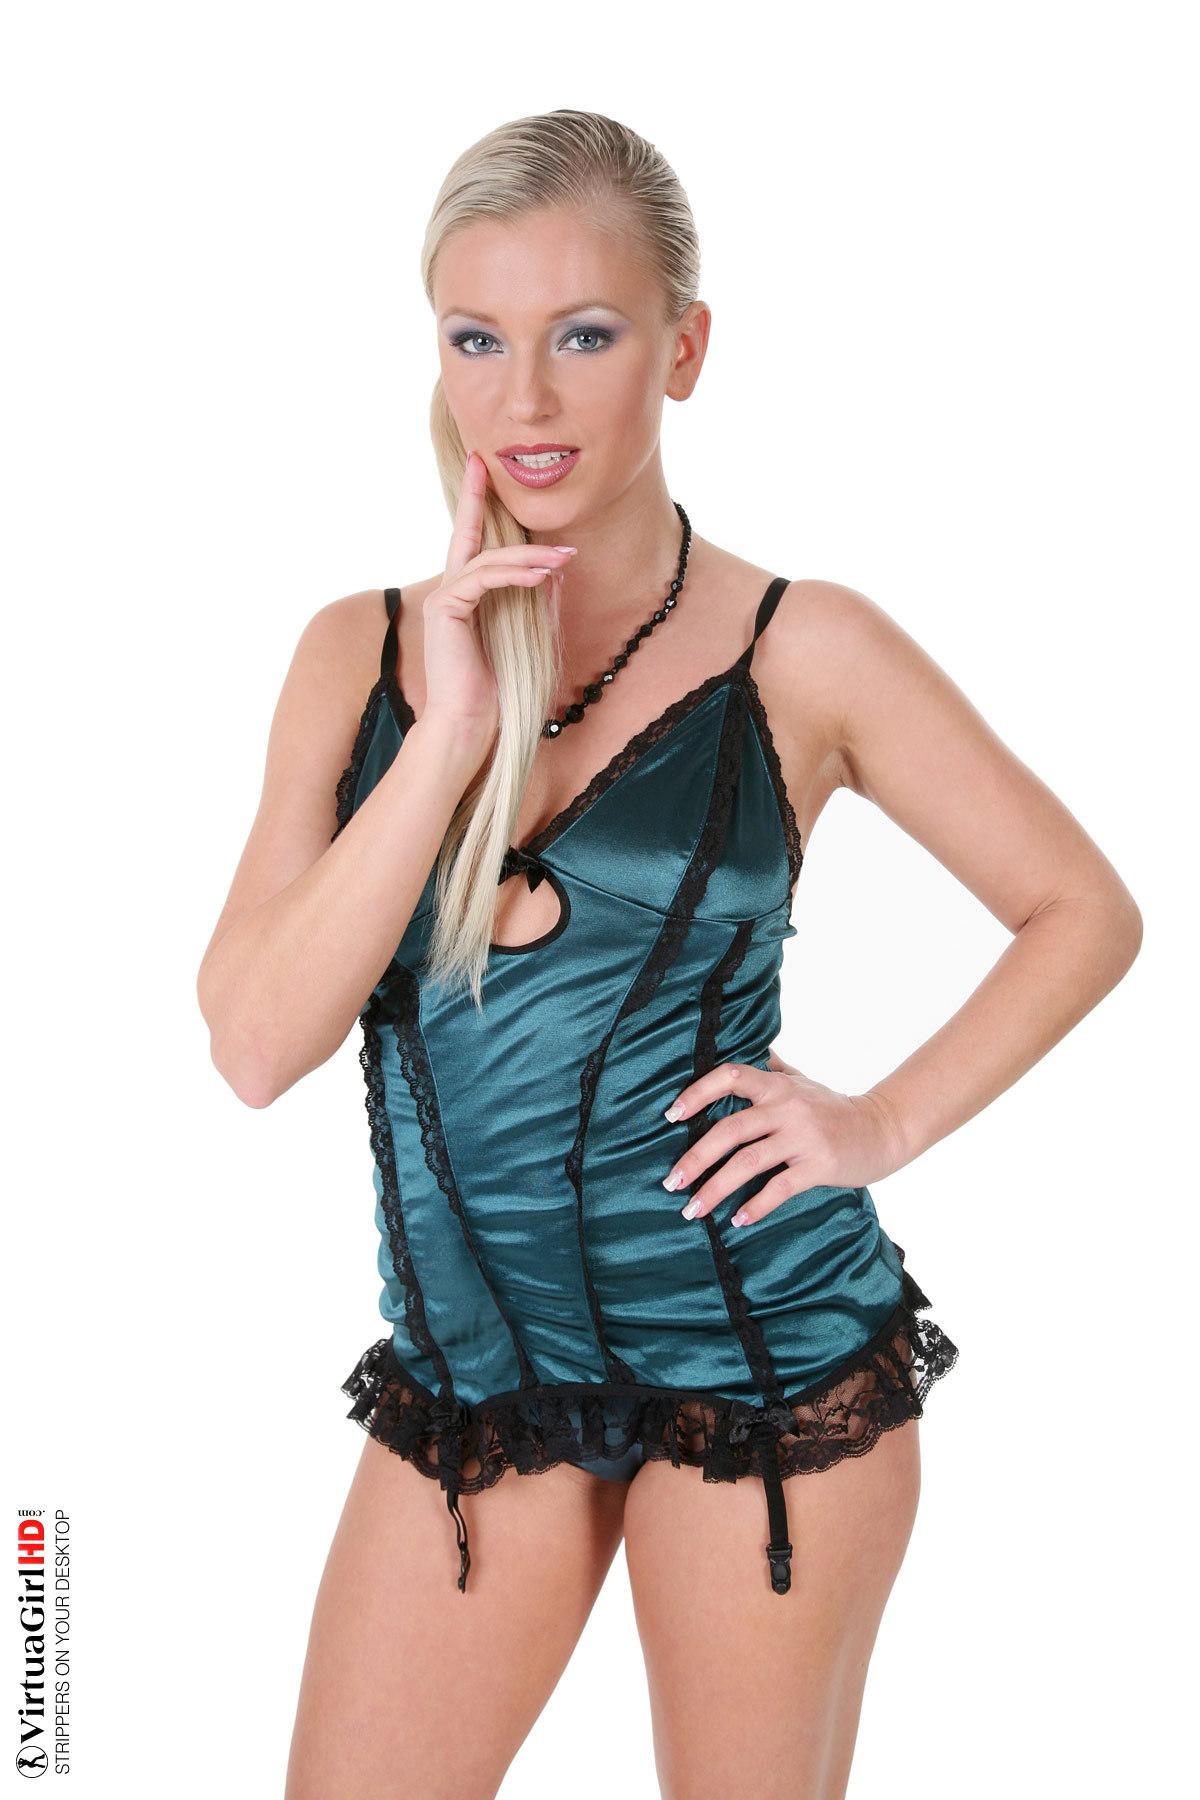 Blanca Brooke London Mansion Virtuagirls Girls